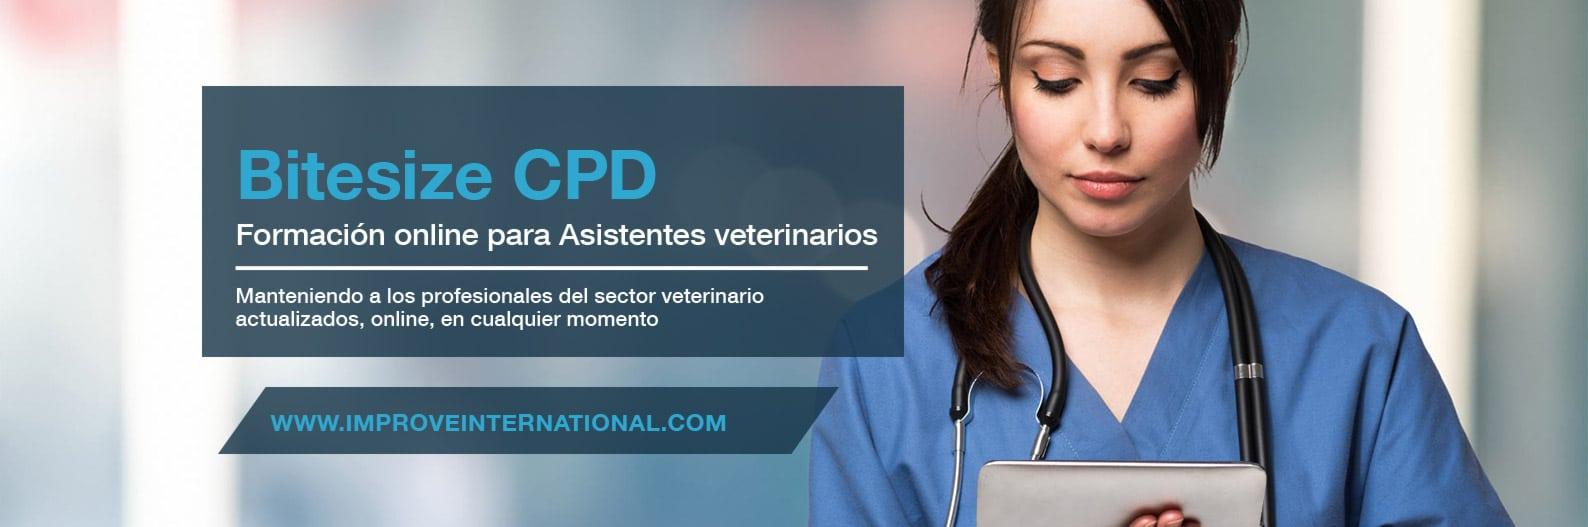 Formación online para Asistentes veterinarios con Improve International